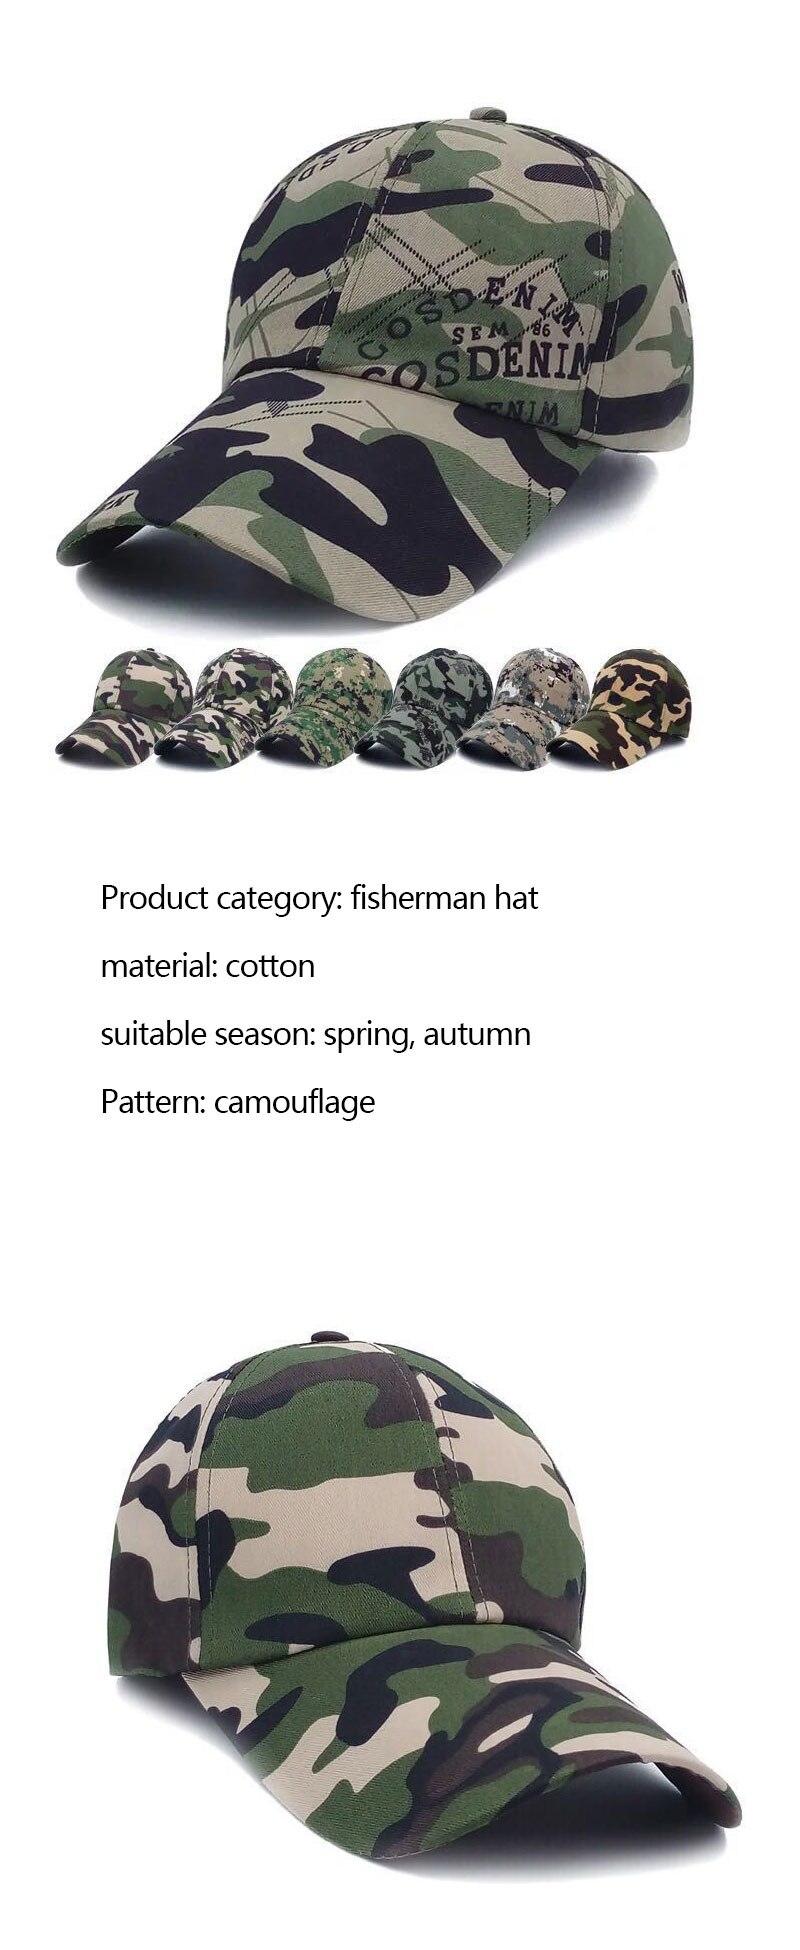 Охотничьи шапки Шапки для уличных видов спорта армейские мужские женские шапки специальные камуфляжные шапки бейсбольныей козырек шапки Распродажа